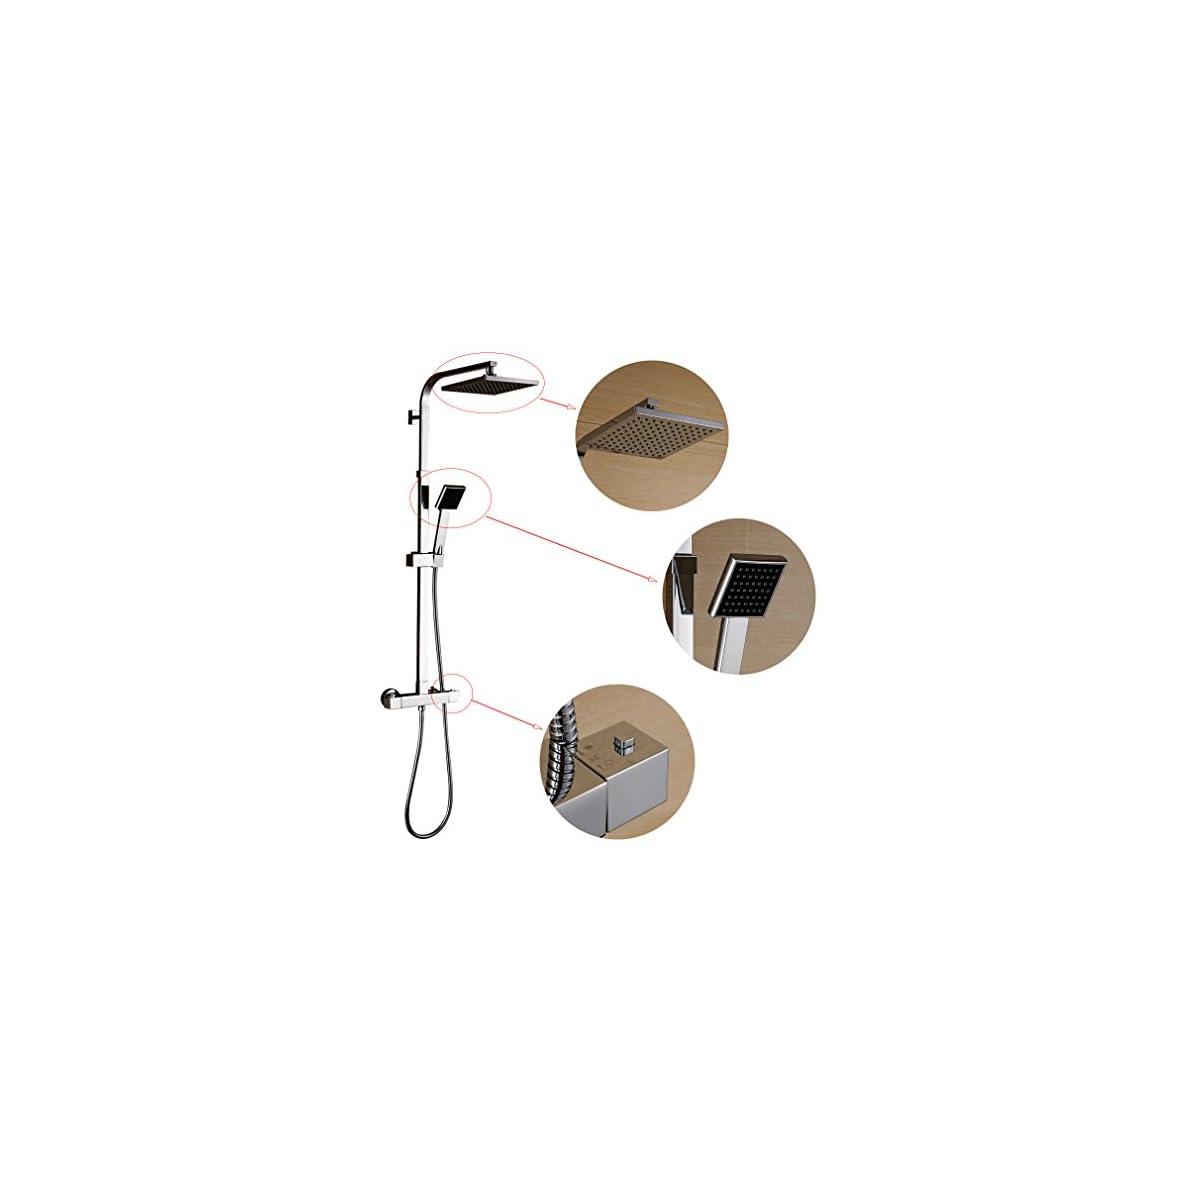 """41wyvezWqaL. SS1200  - Columna ducha termostatica,Auralum® 8 """"Set de ducha cuadrado termostatico con ducha mango + alcachofa ducha lluvia cuadrada + ducha termostatica para ducha de baño en latón,altura se puede ajustar"""